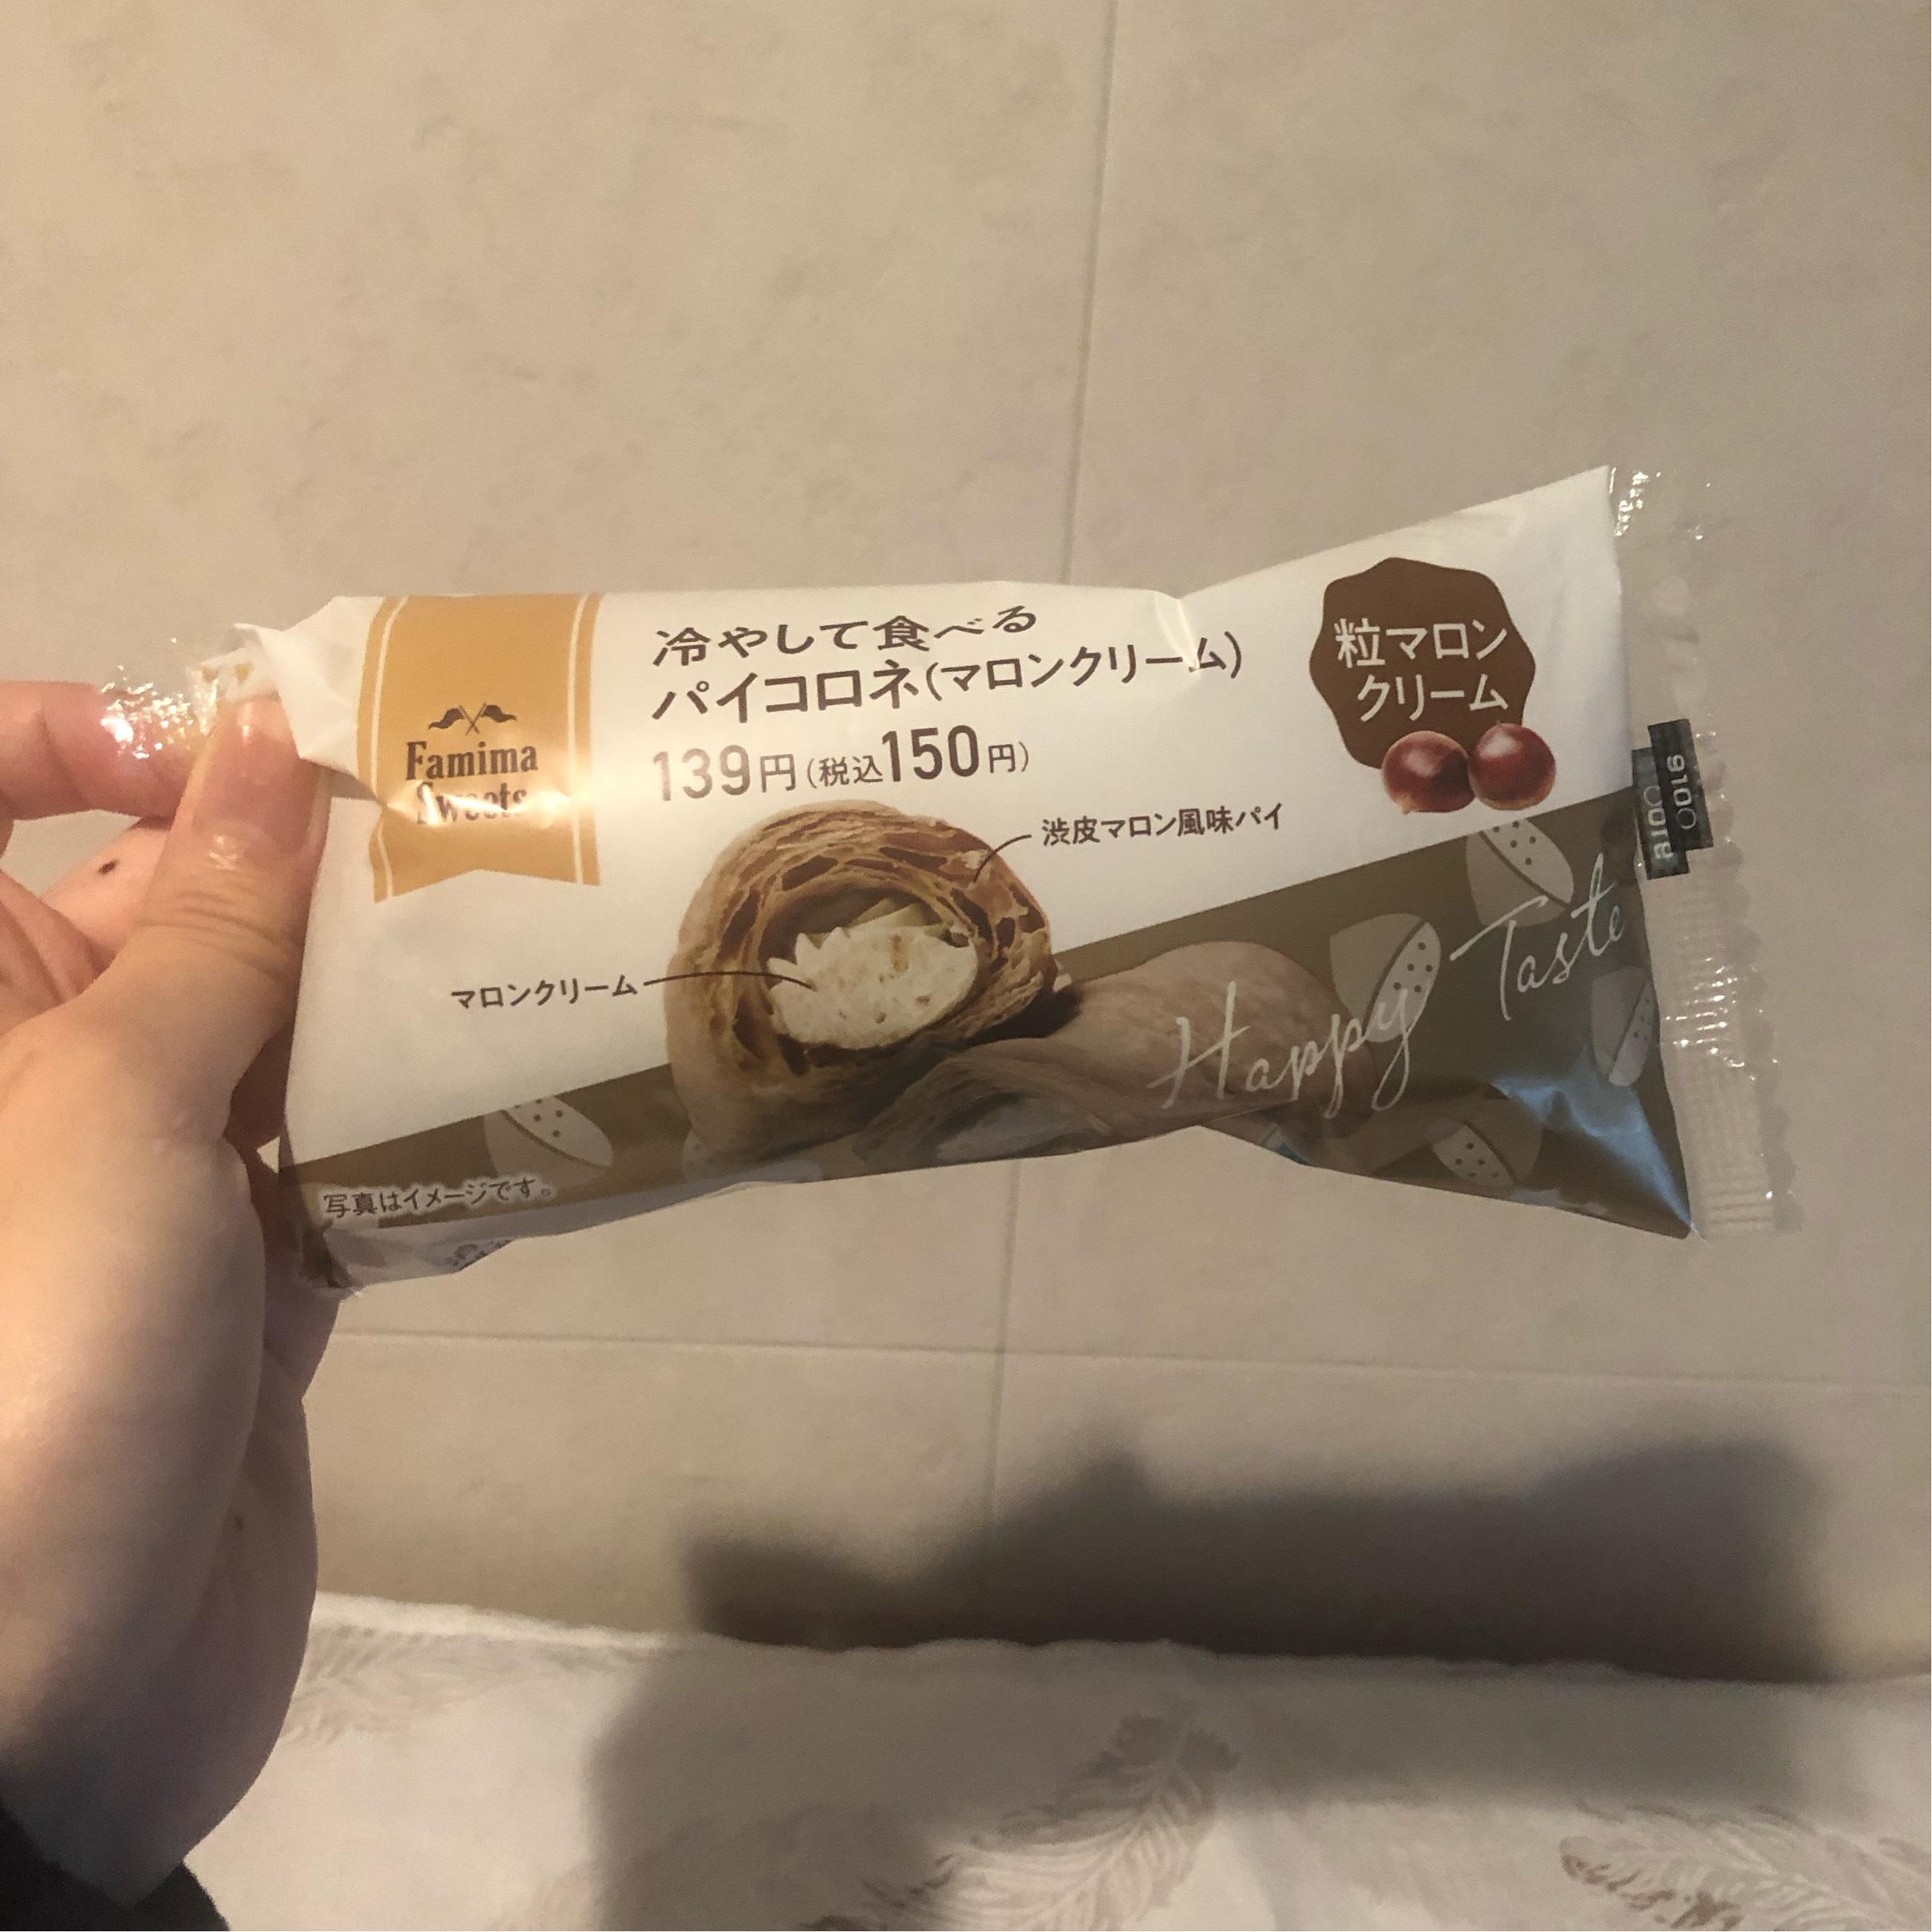 【ファミマ】秋の味覚!コンビニスイーツ2選_1_1